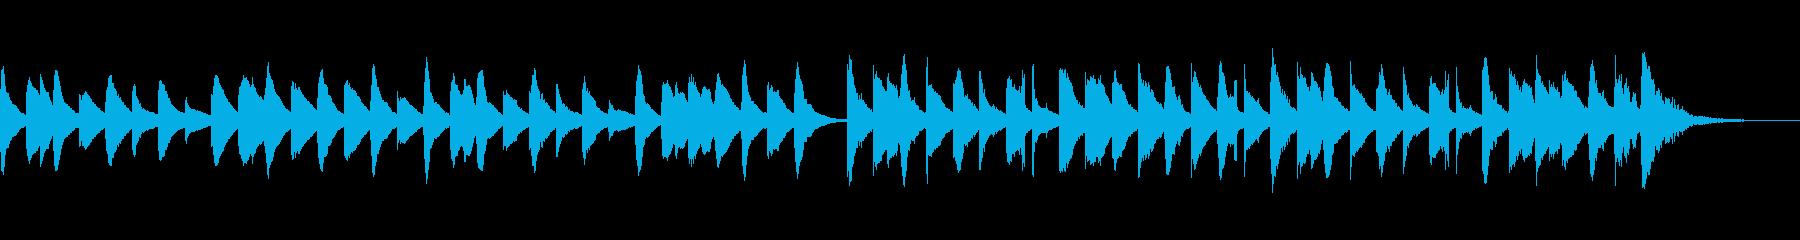 ゆったりかわいい楽しいキラキラマリンバcの再生済みの波形